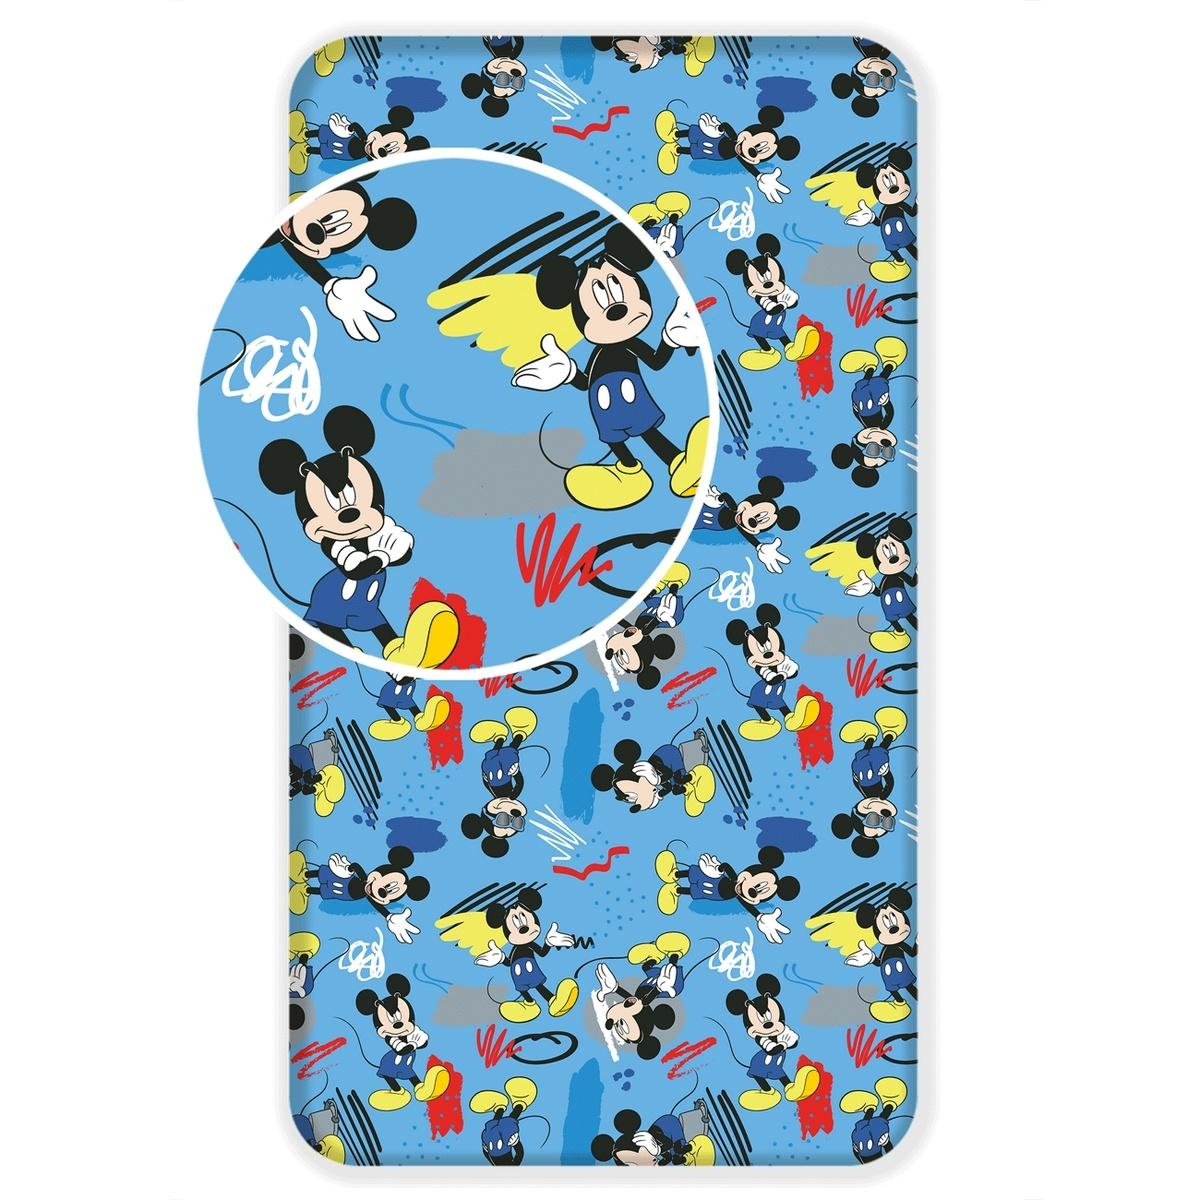 Jerry Fabrics Dětské bavlněné prostěradlo Mickey 043, 90 x 200 cm